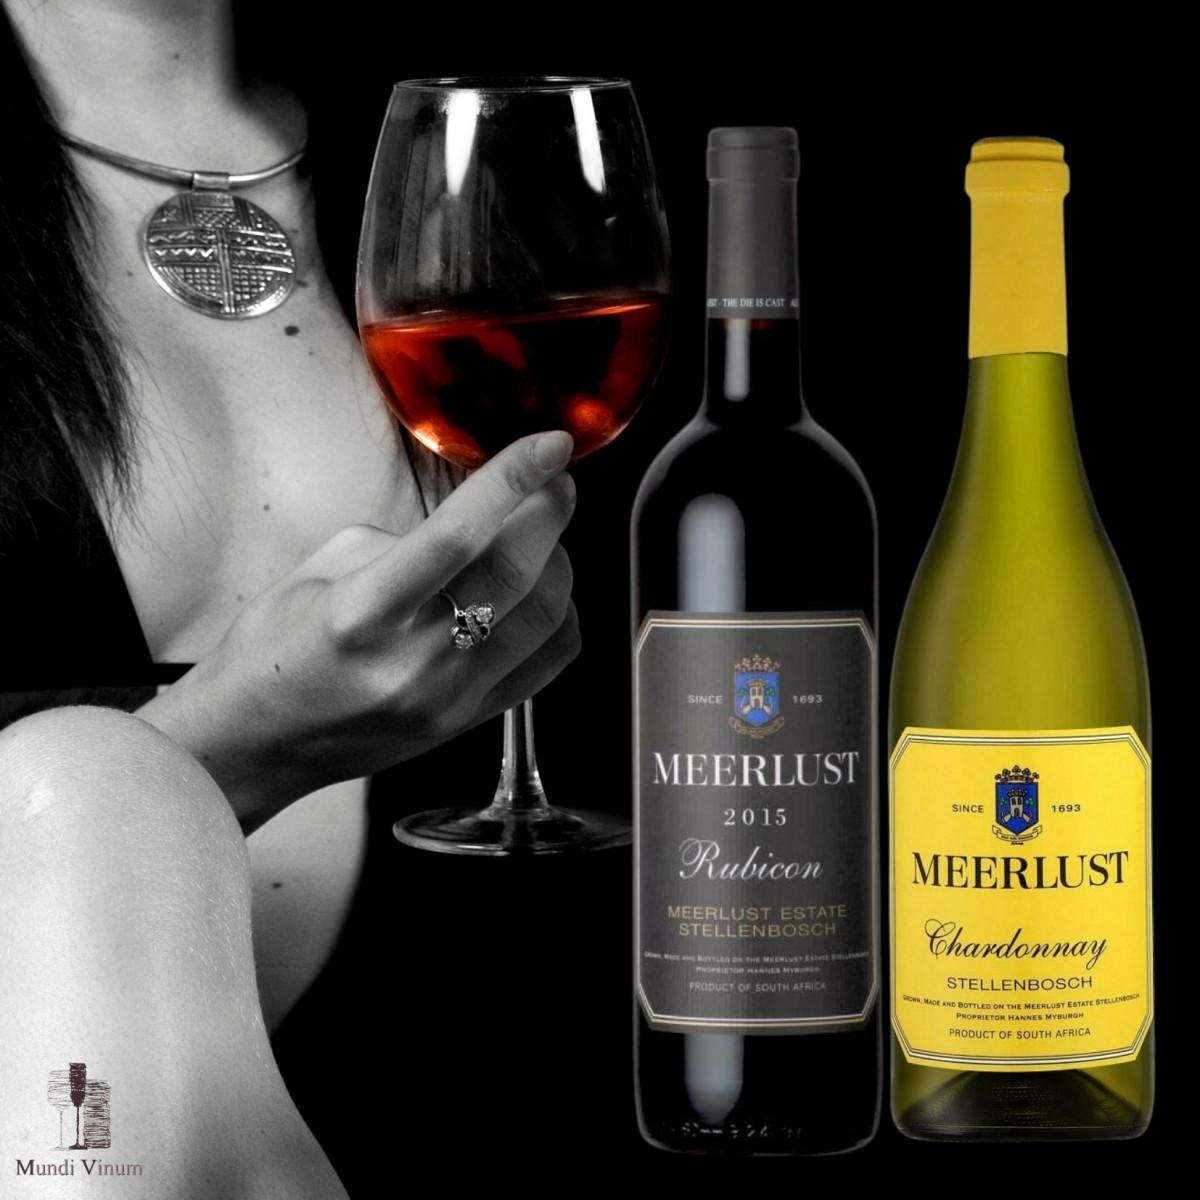 Meerlust wijnen